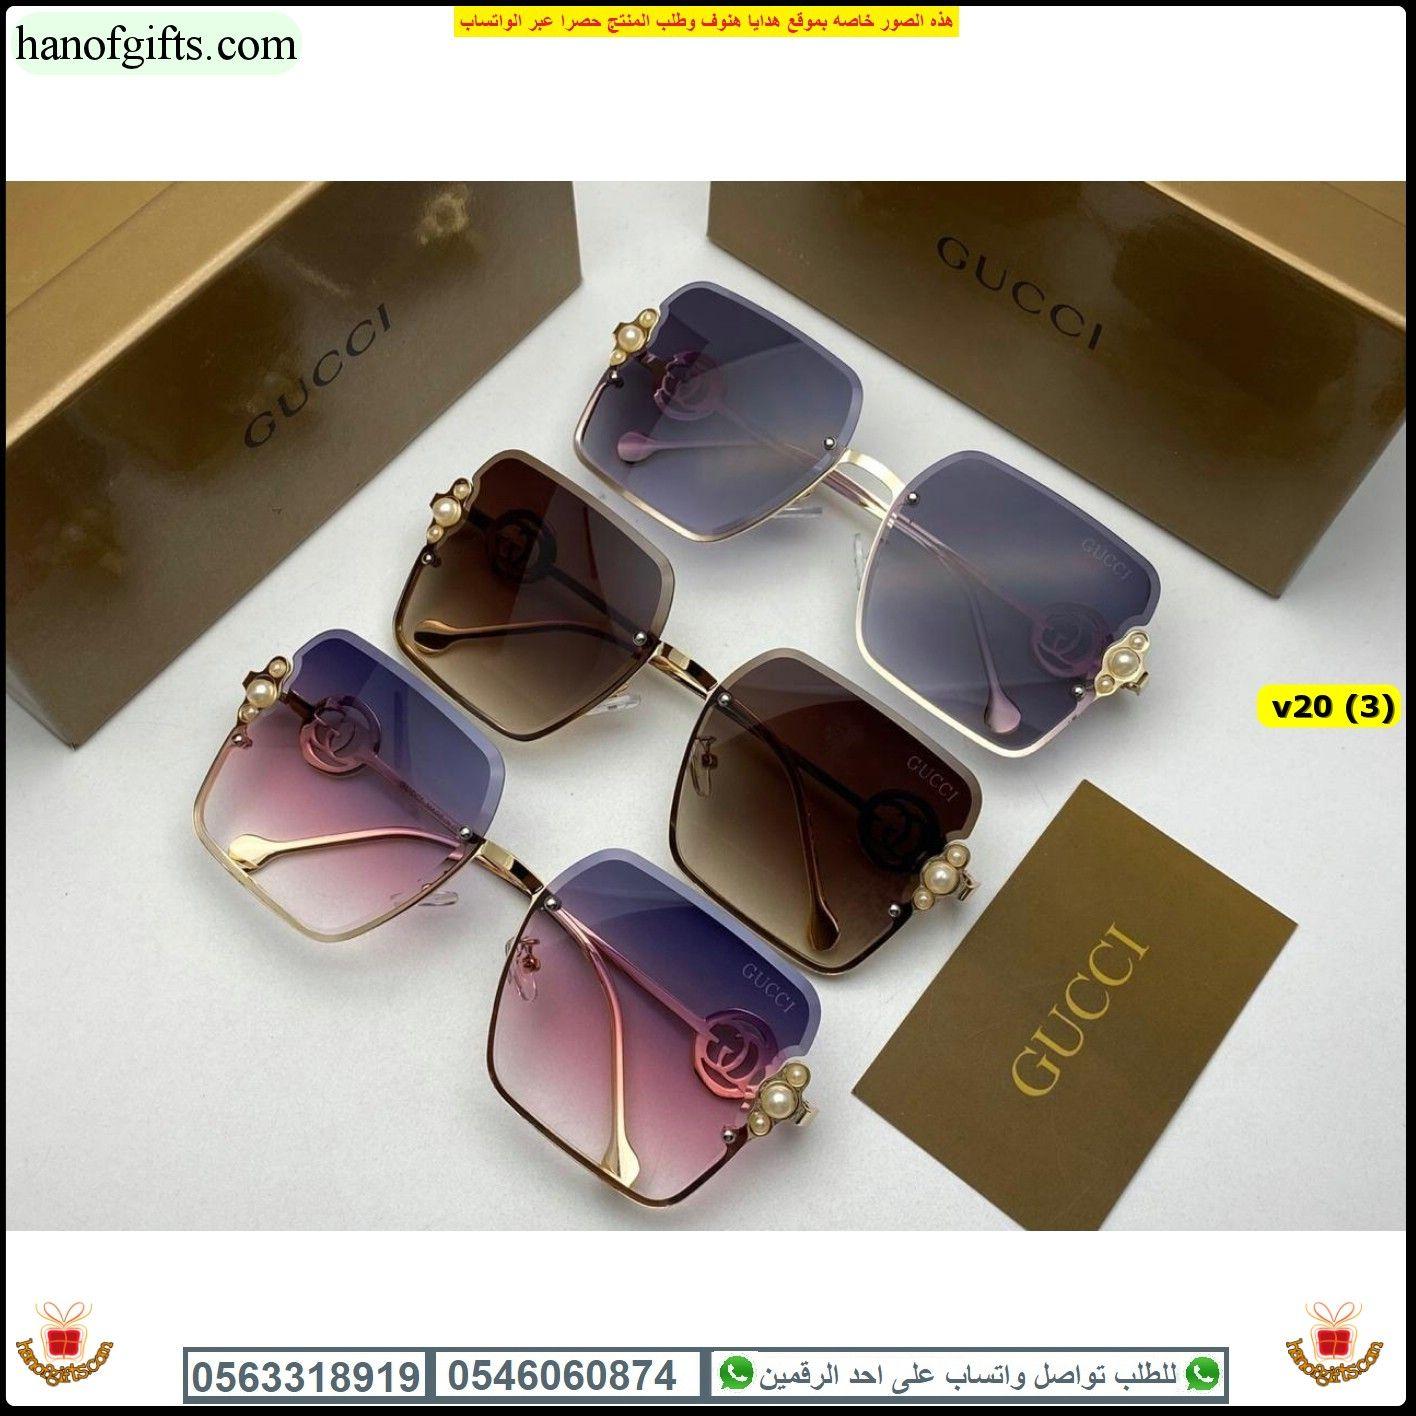 نظارة شمسية نسائية ماركة قوتشي افخم الموديلات اليوم مع ملحقاتها باسم الماركه هدايا هنوف Glasses Fashion Glasses Sunglasses